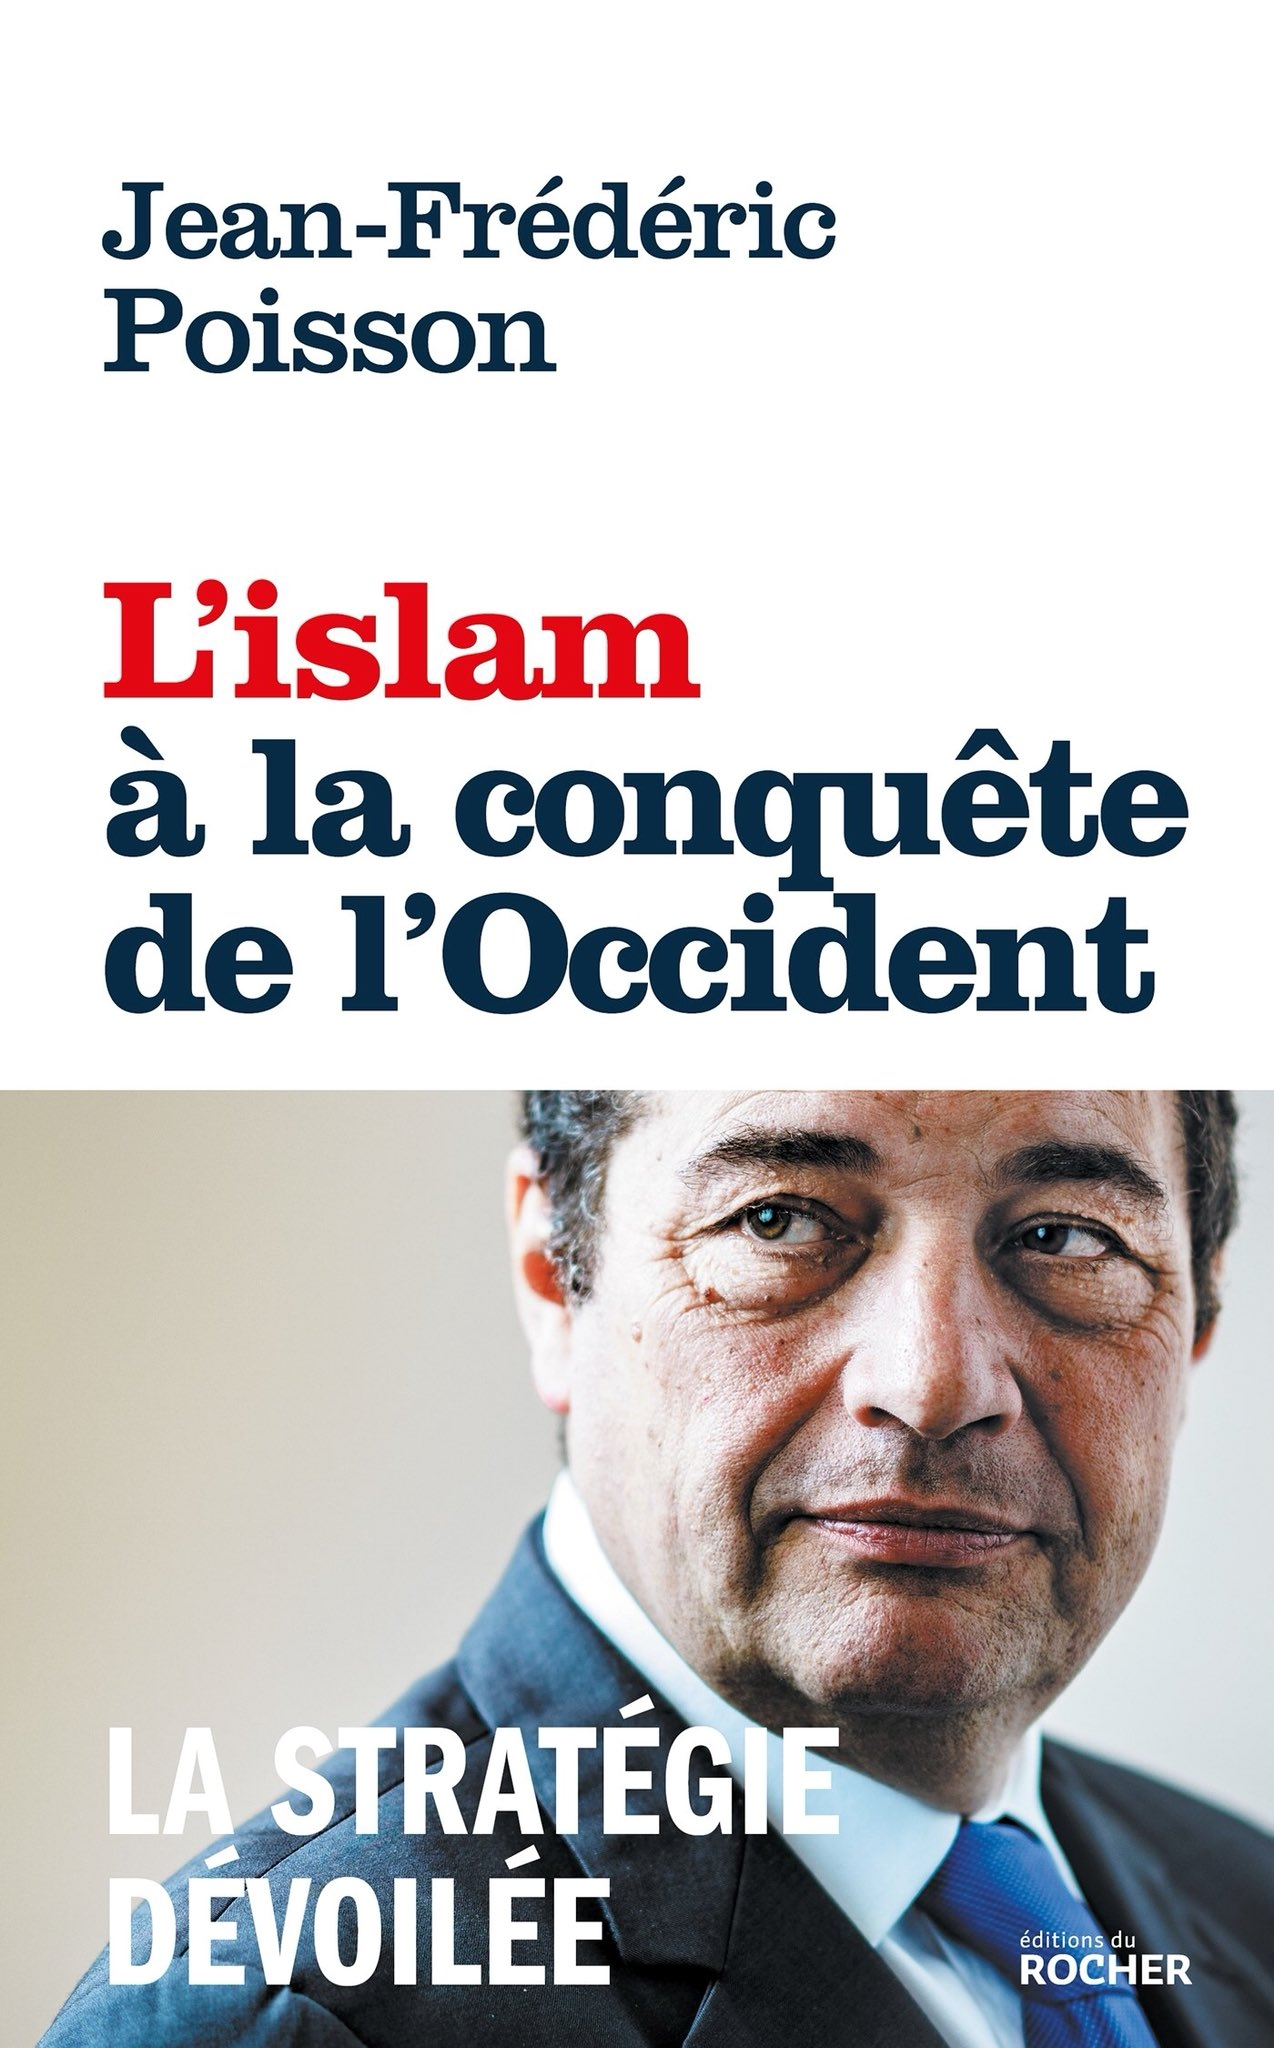 Immigration massive - quelles conséquences pour la France et l'Europe  ? - Page 8 Livre-JF-Poison-Islam-conquete-Occident